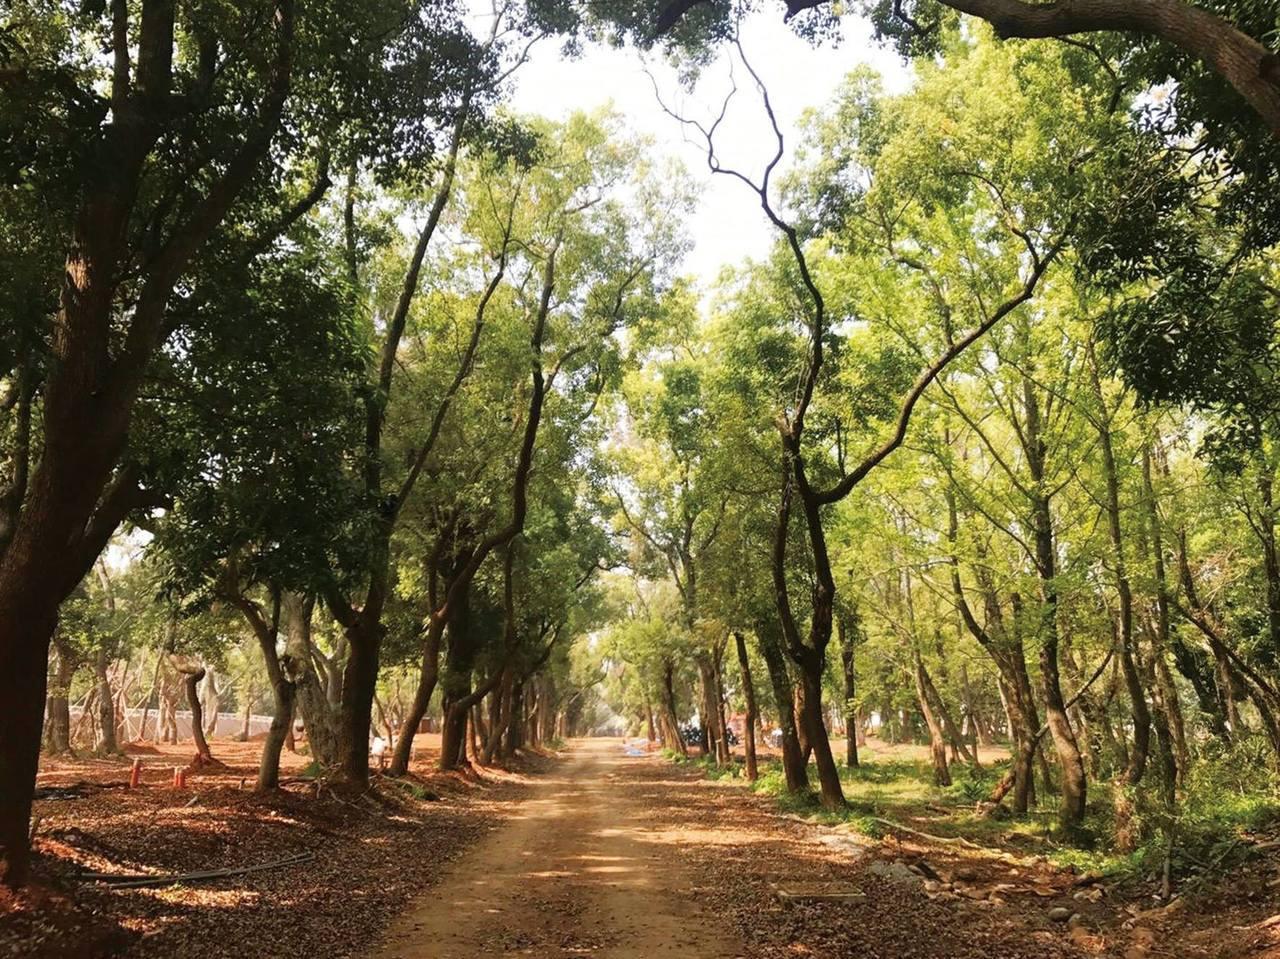 后里是台中花博的主要展區,美麗的森林園區可做為都市公園或苗圃基地。圖/觀旅局提供